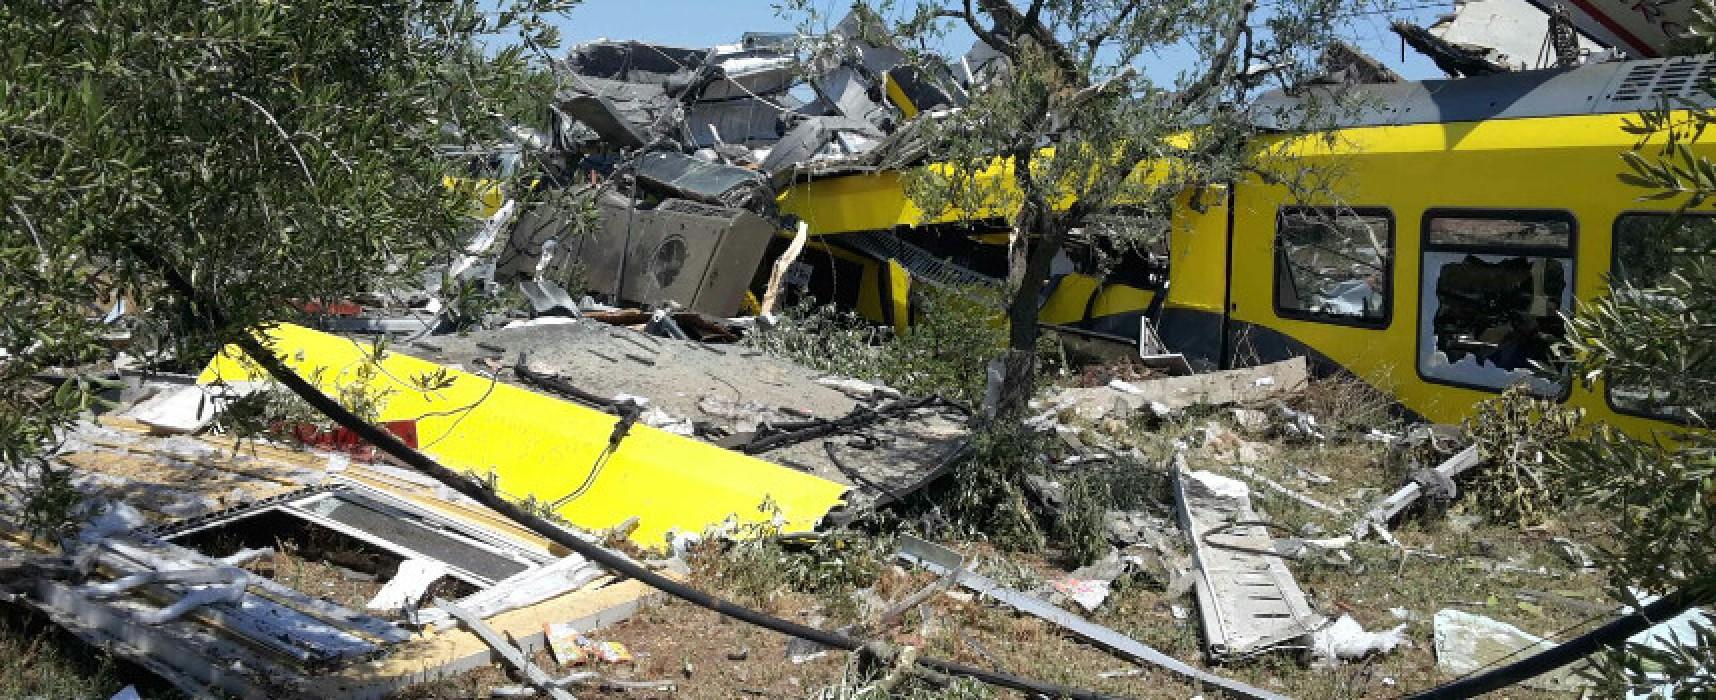 Incidente ferroviario tra Corato e Andria, dieci feriti ricoverati a Bisceglie